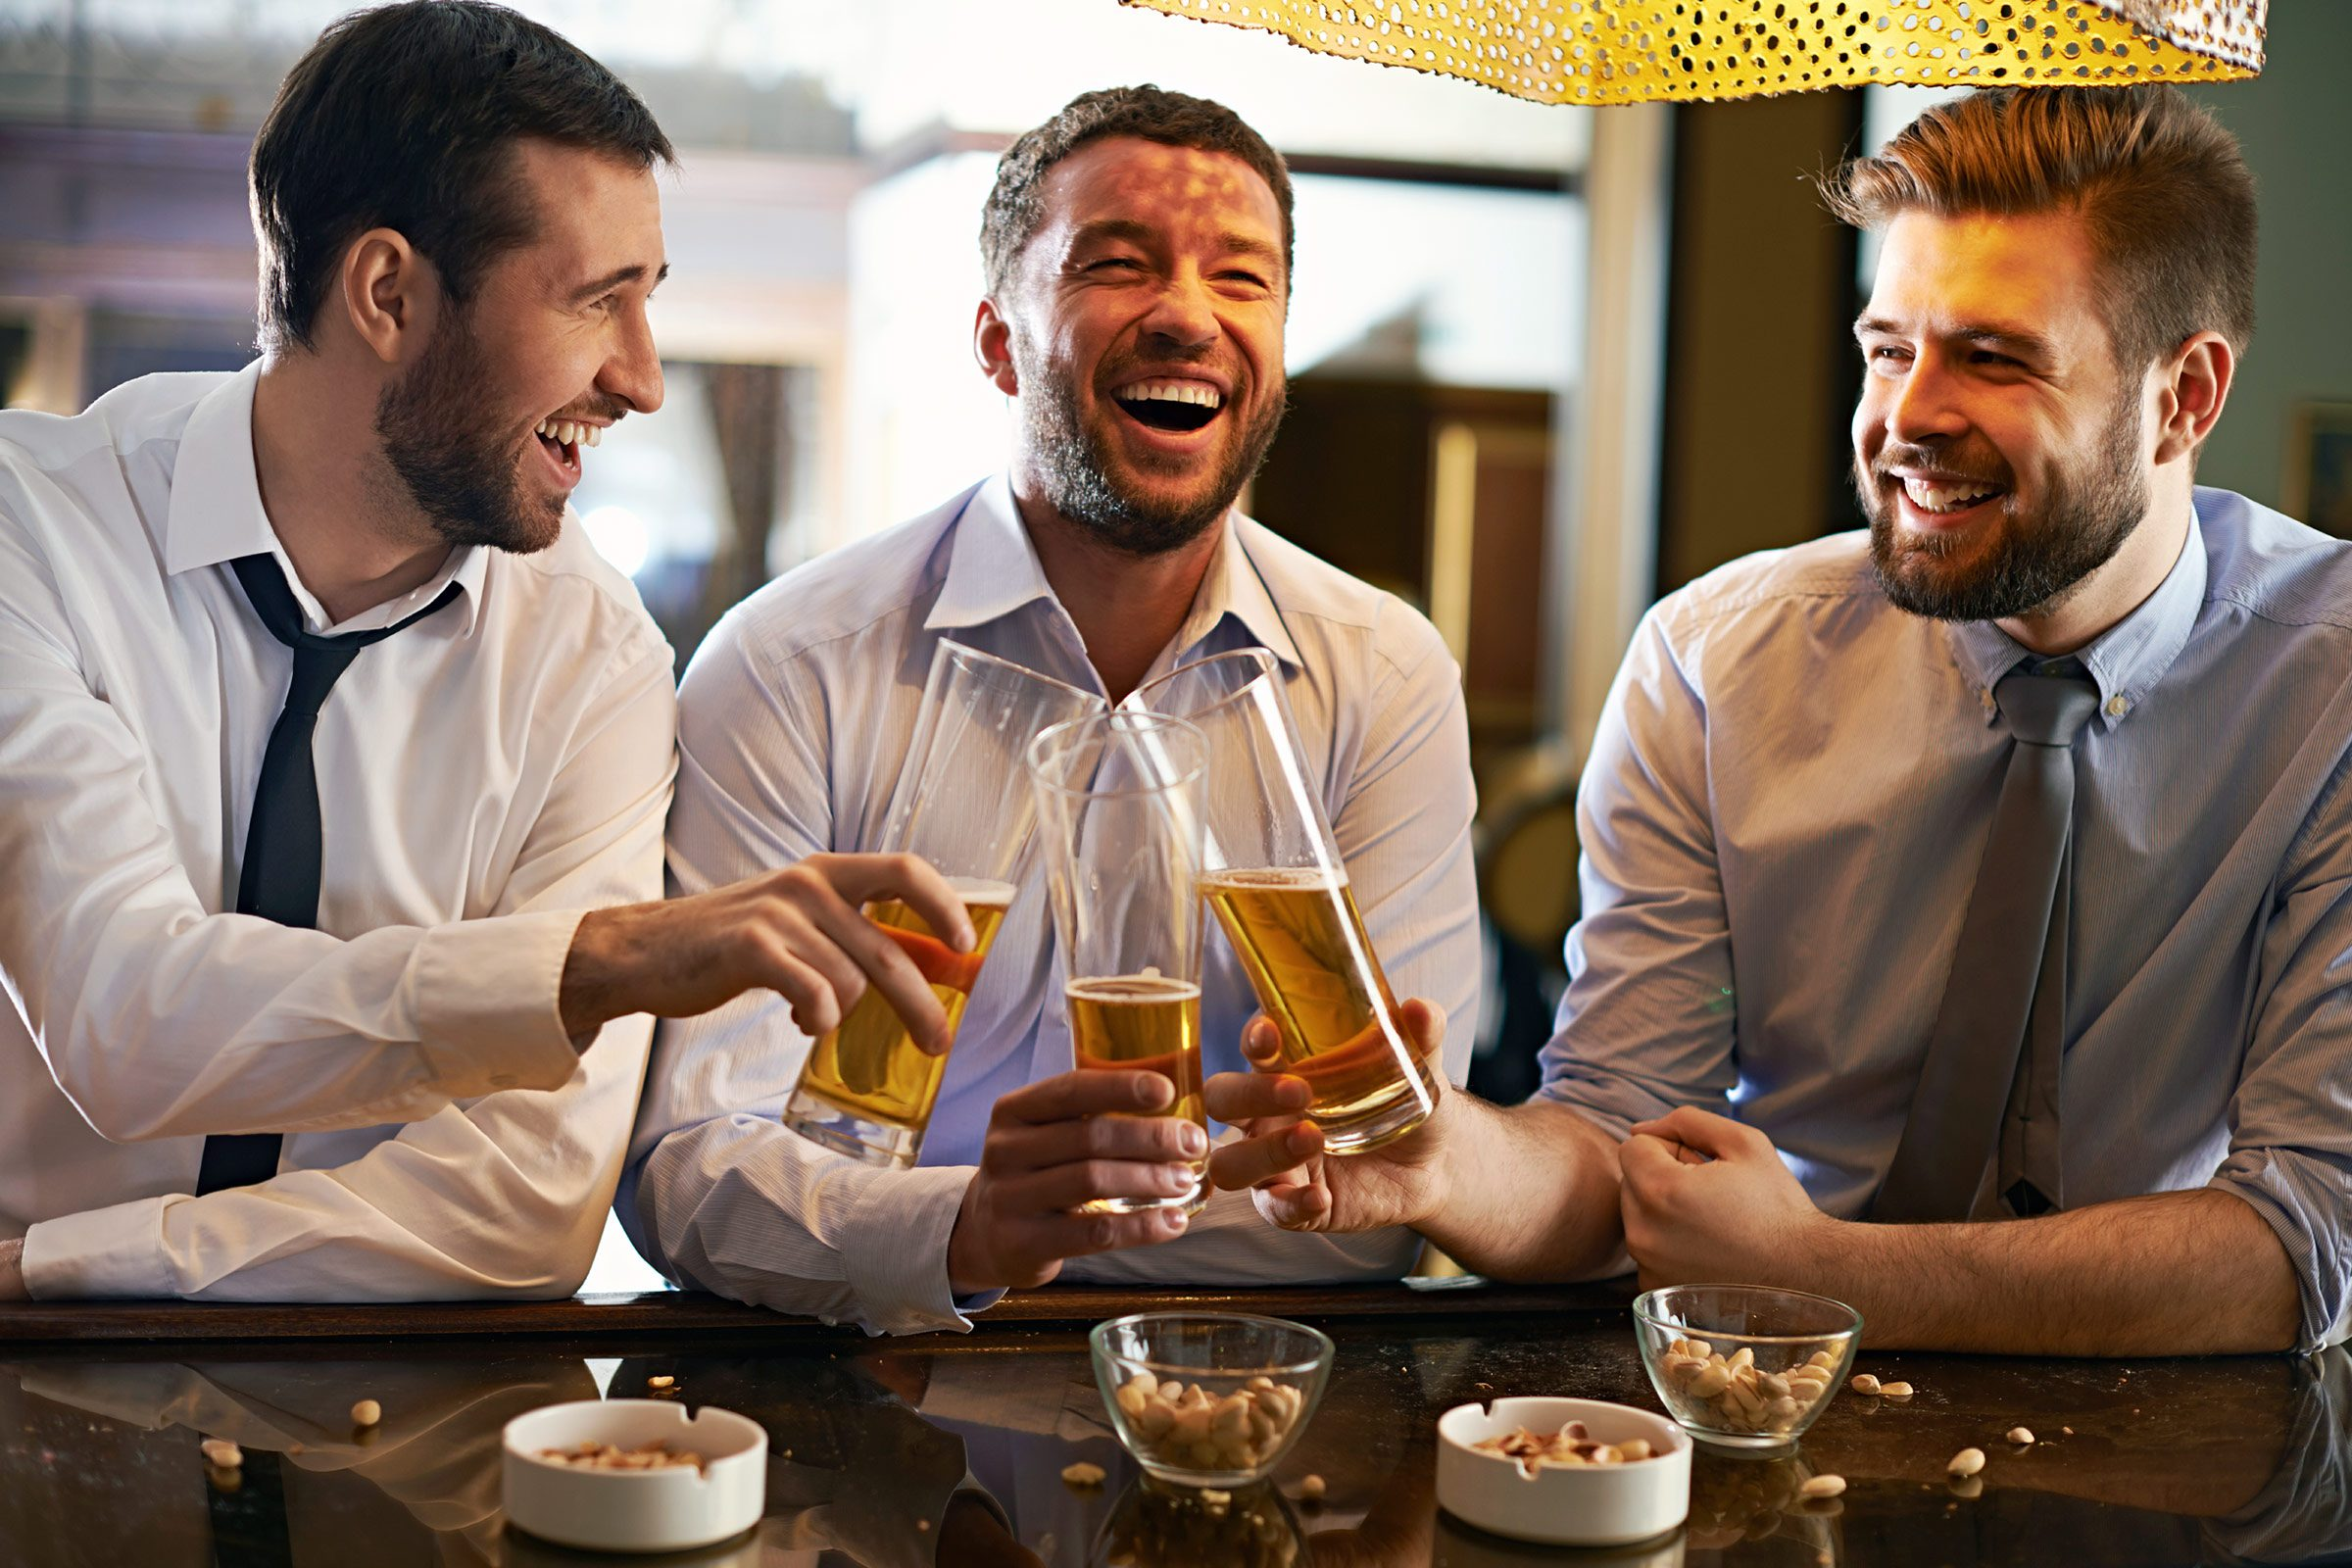 Indice que votre conjoint ne vous aime plus: ses amis passent avant vous.